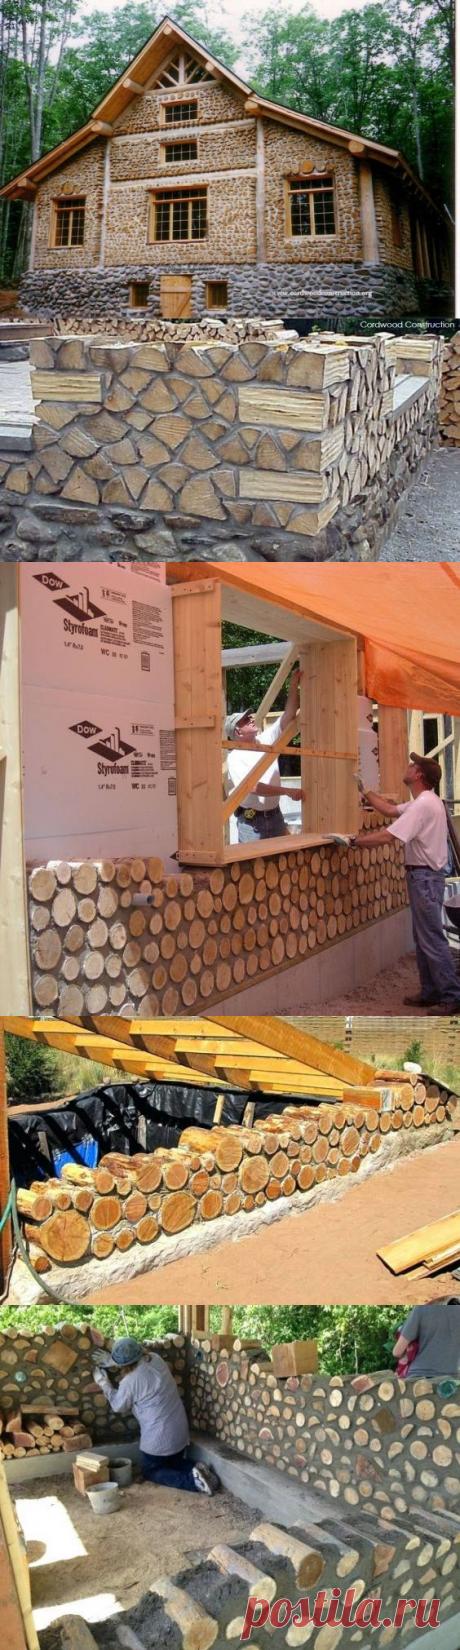 Как строят дома из дров и глины - Как это сделано, как это работает, как это устроено